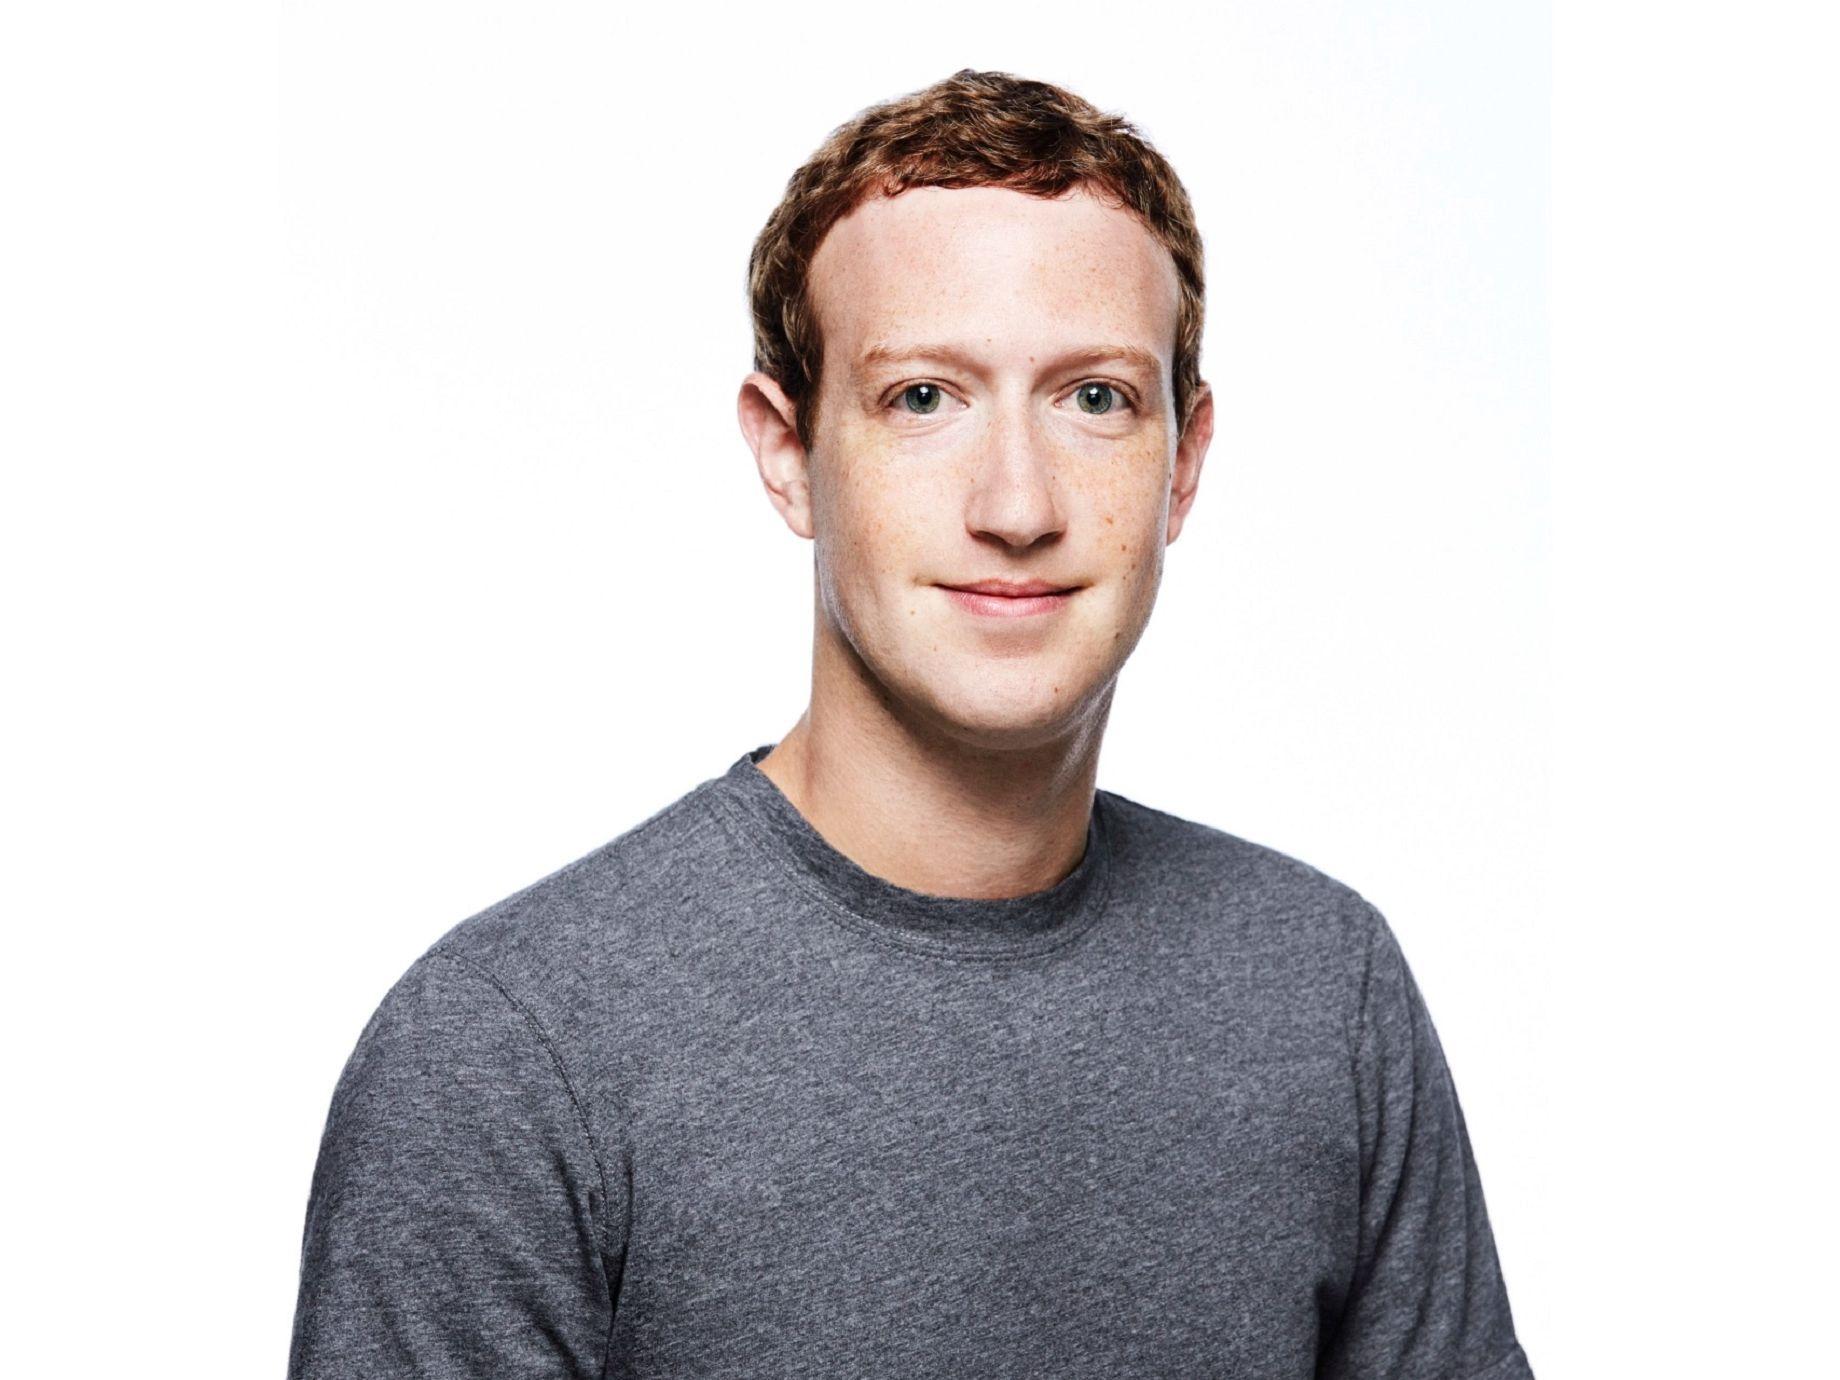 馬克‧佐克柏發表公開信,談Facebook五大核心精神